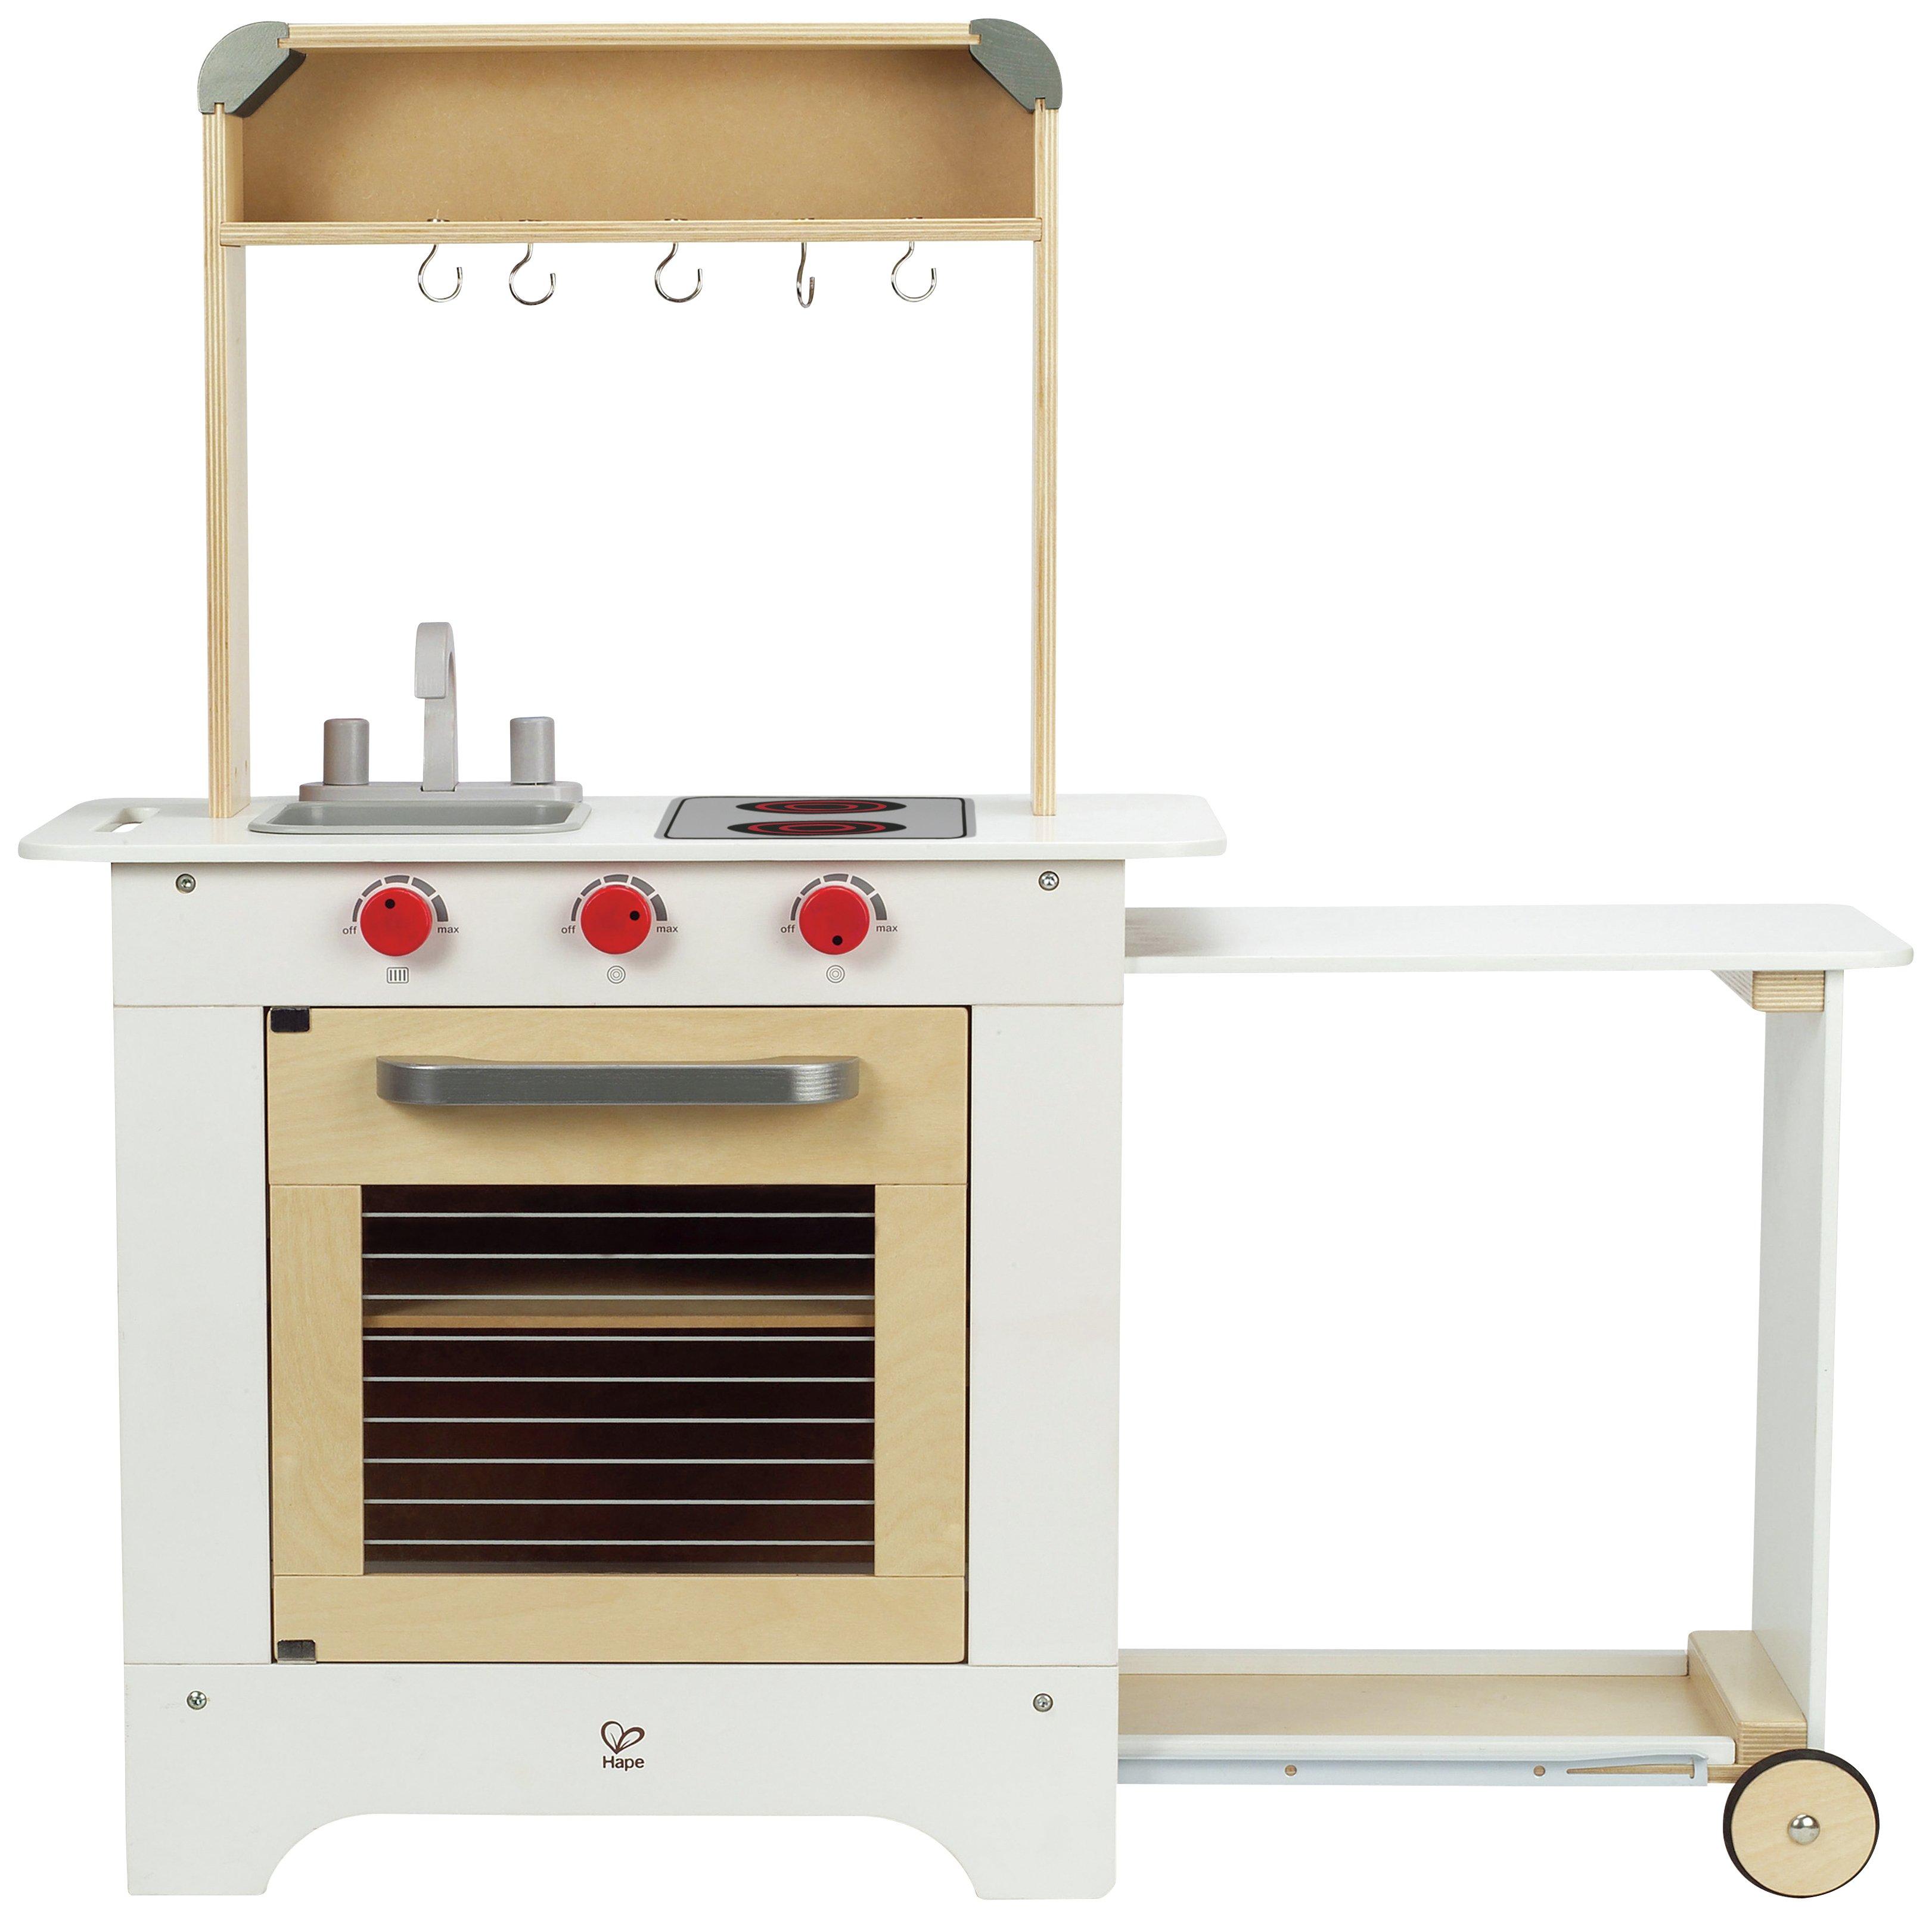 Image of Hape Cook 'N' Serve Kitchen.